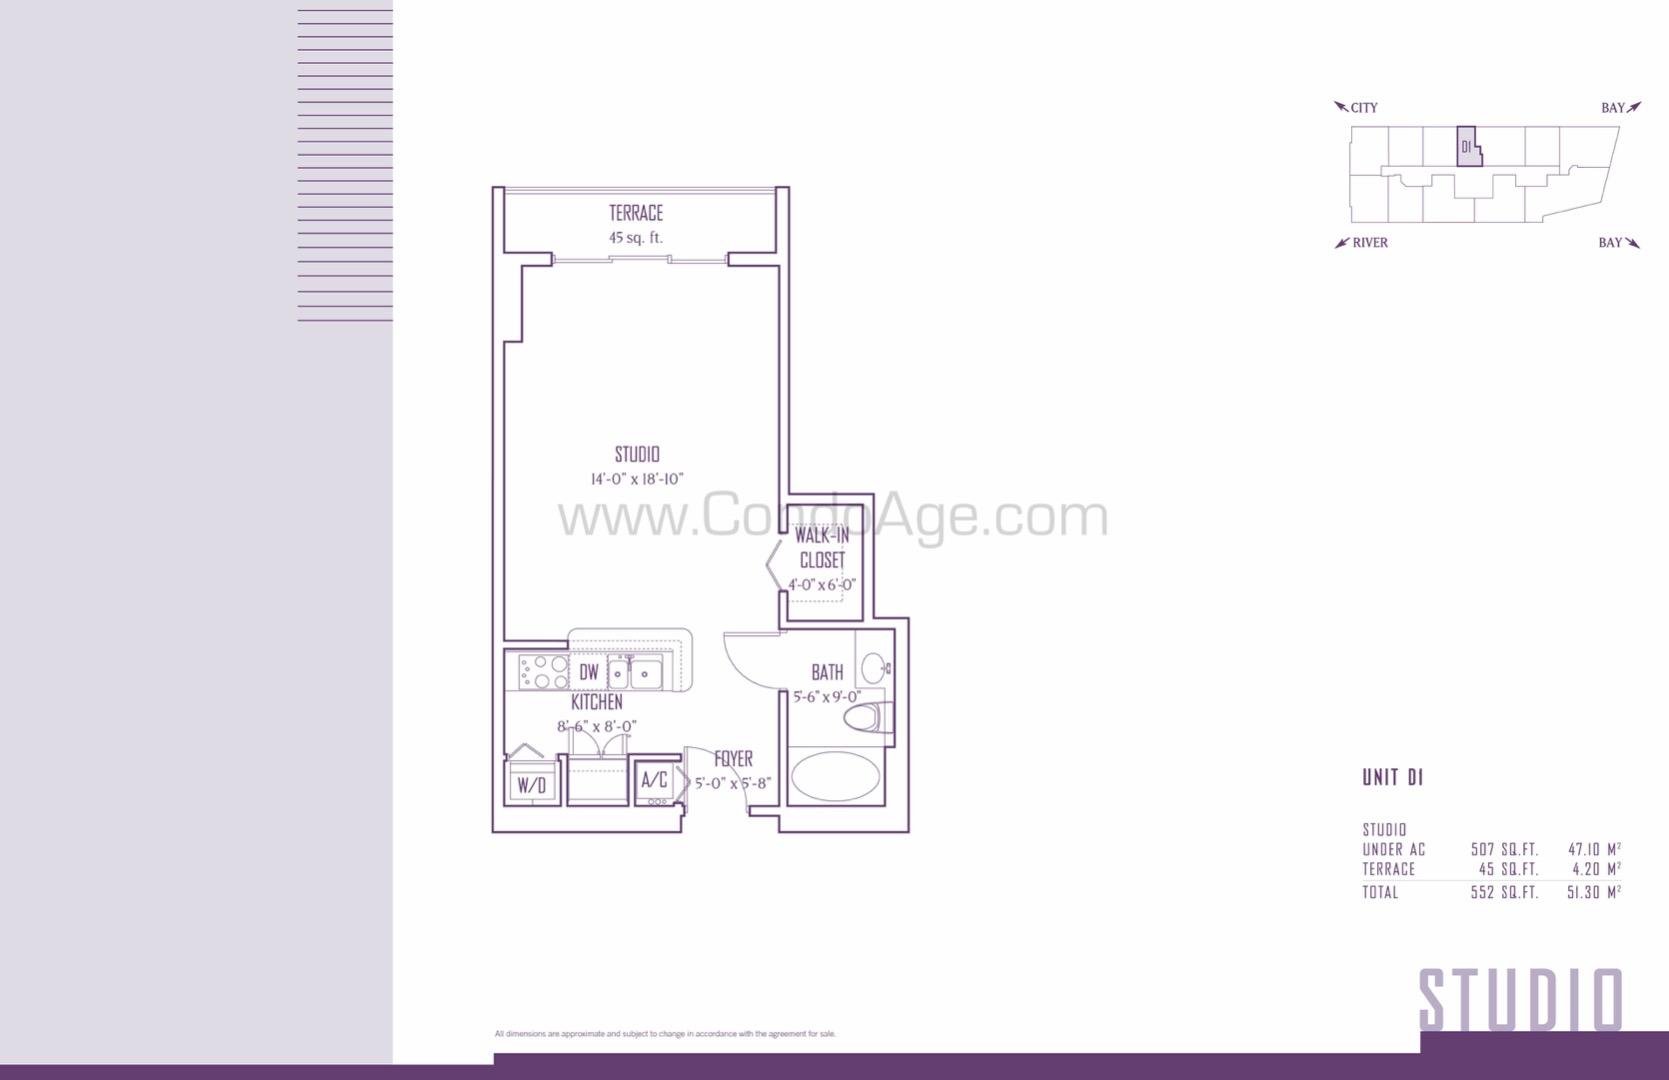 Floor plan image D1 - Studio  - 507 sqft image